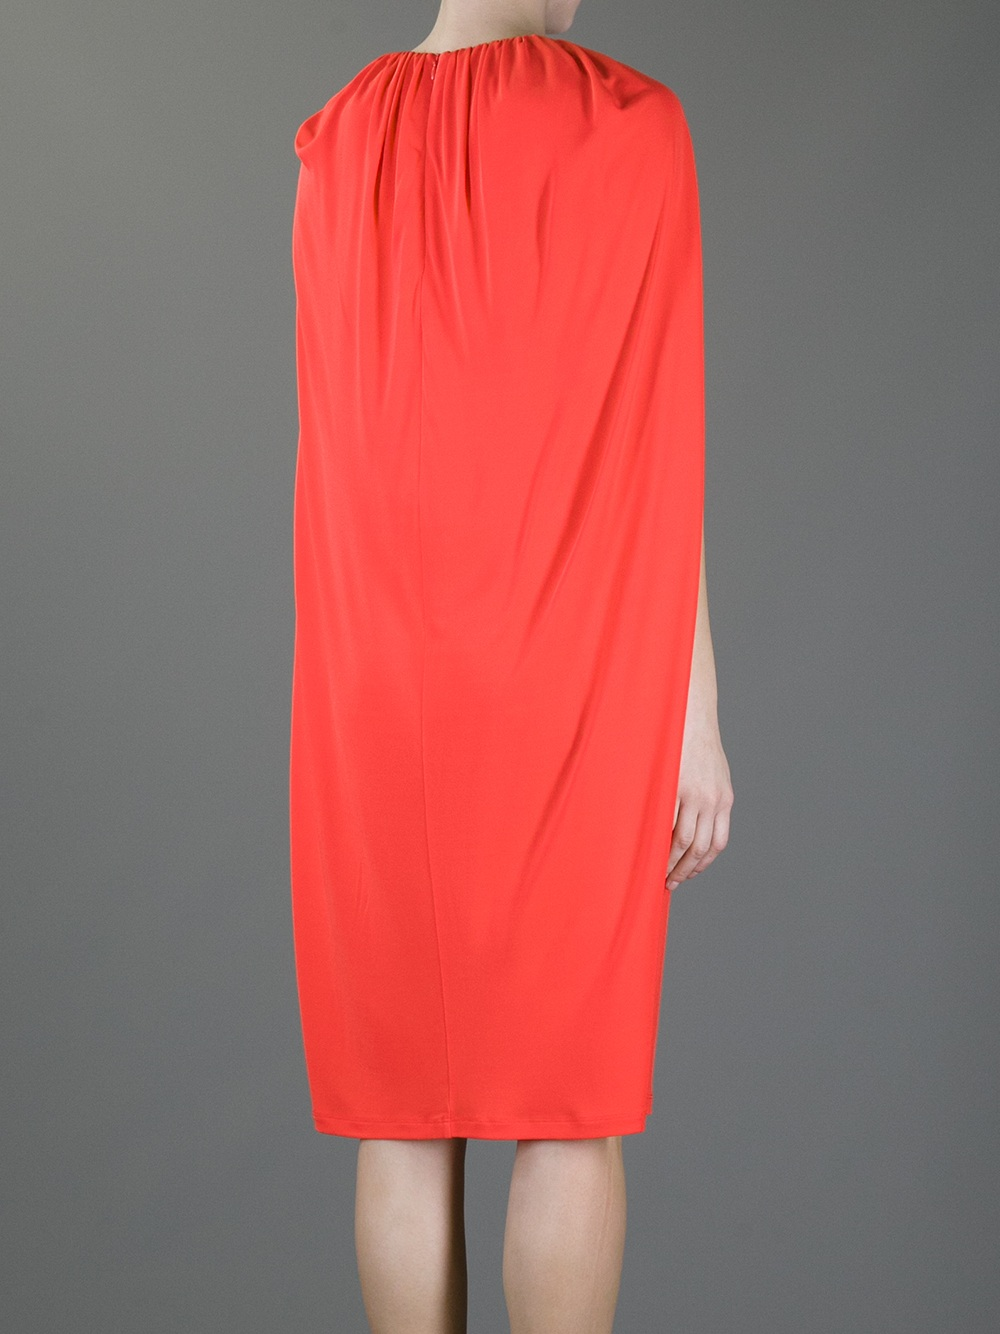 Msgm Cape Dress In Orange Lyst